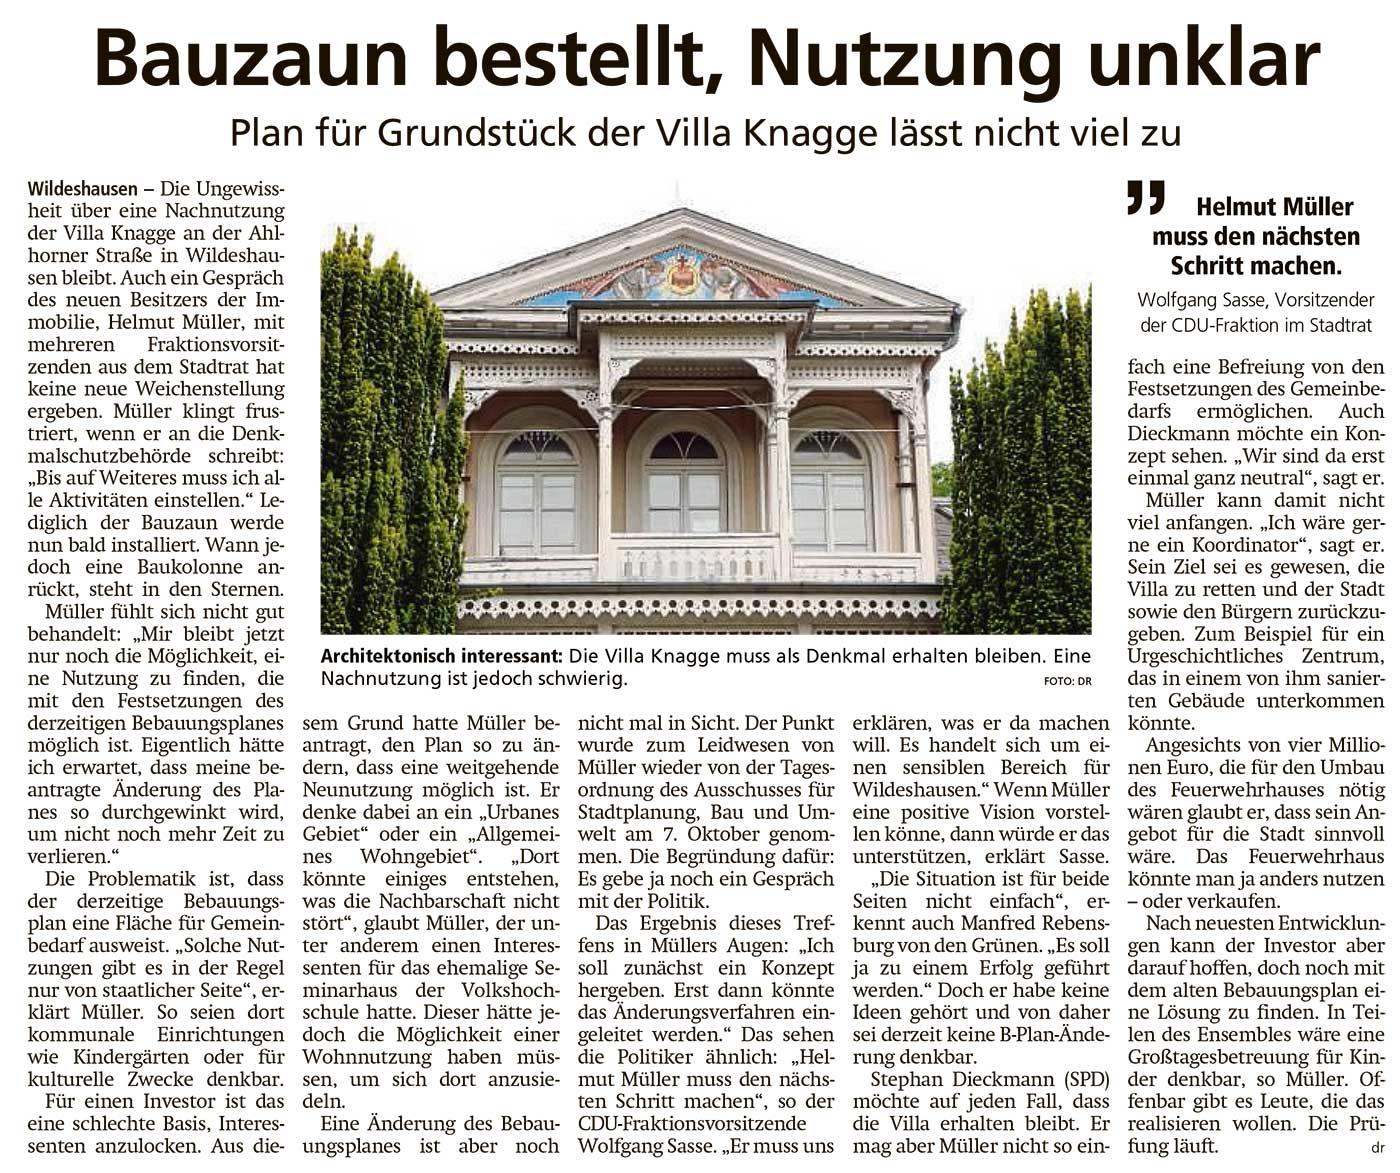 Bauzaun bestellt, Nutzung unklarPlan für Grundstück der Villa Knagge lässt nicht viel zuArtikel vom 29.10.2020 (WZ)